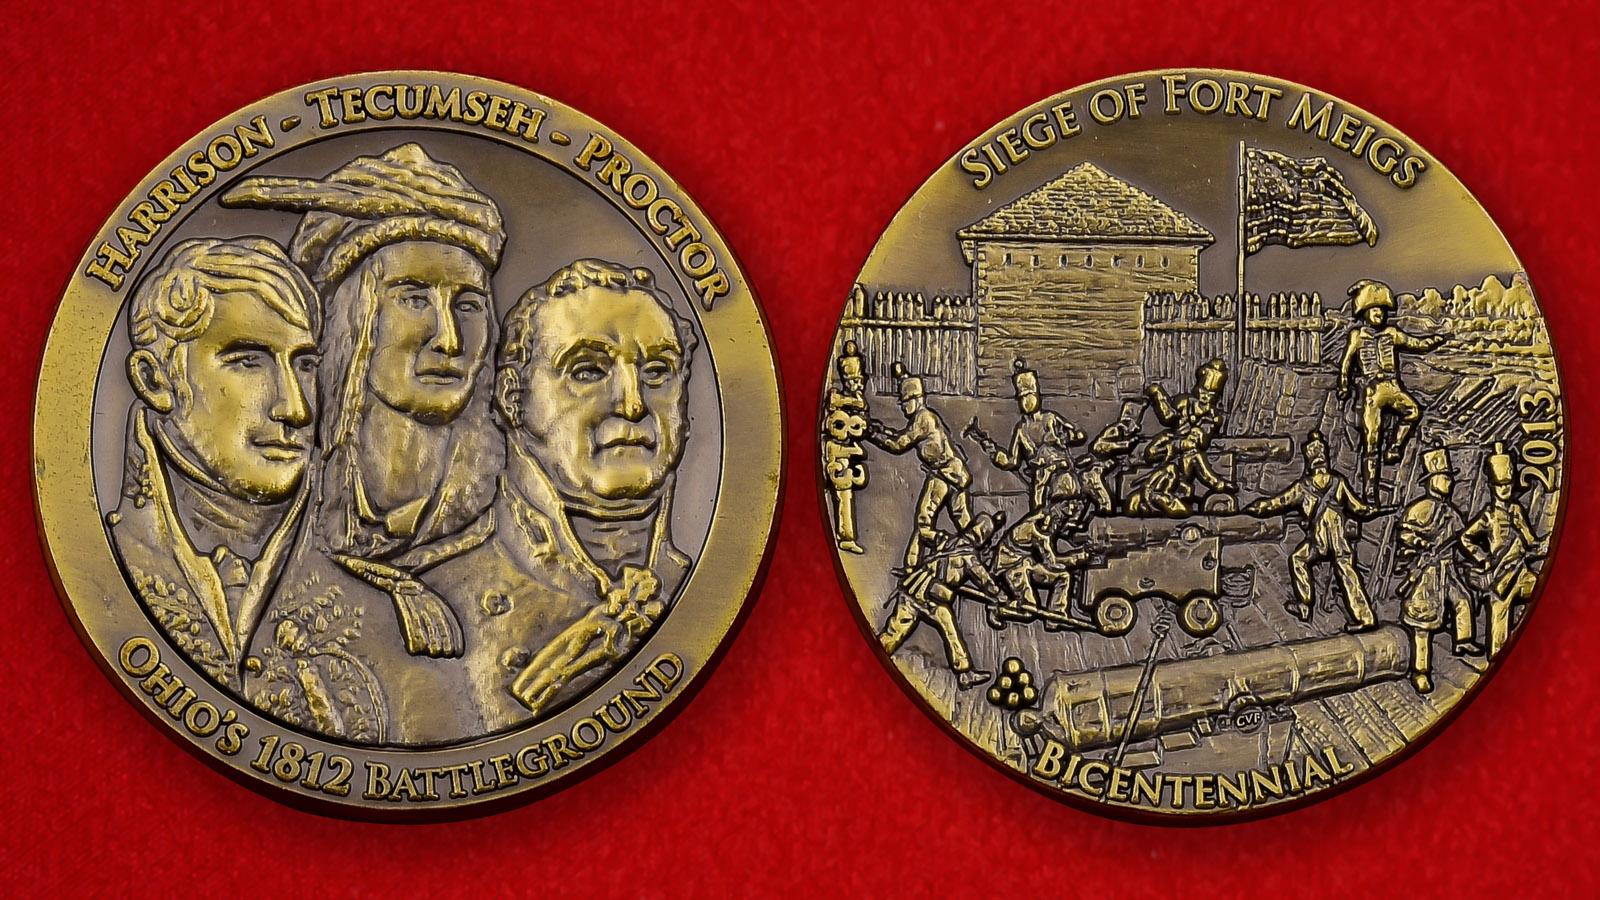 Юбилейная монета США к 200-летию осады Форта Мейгс